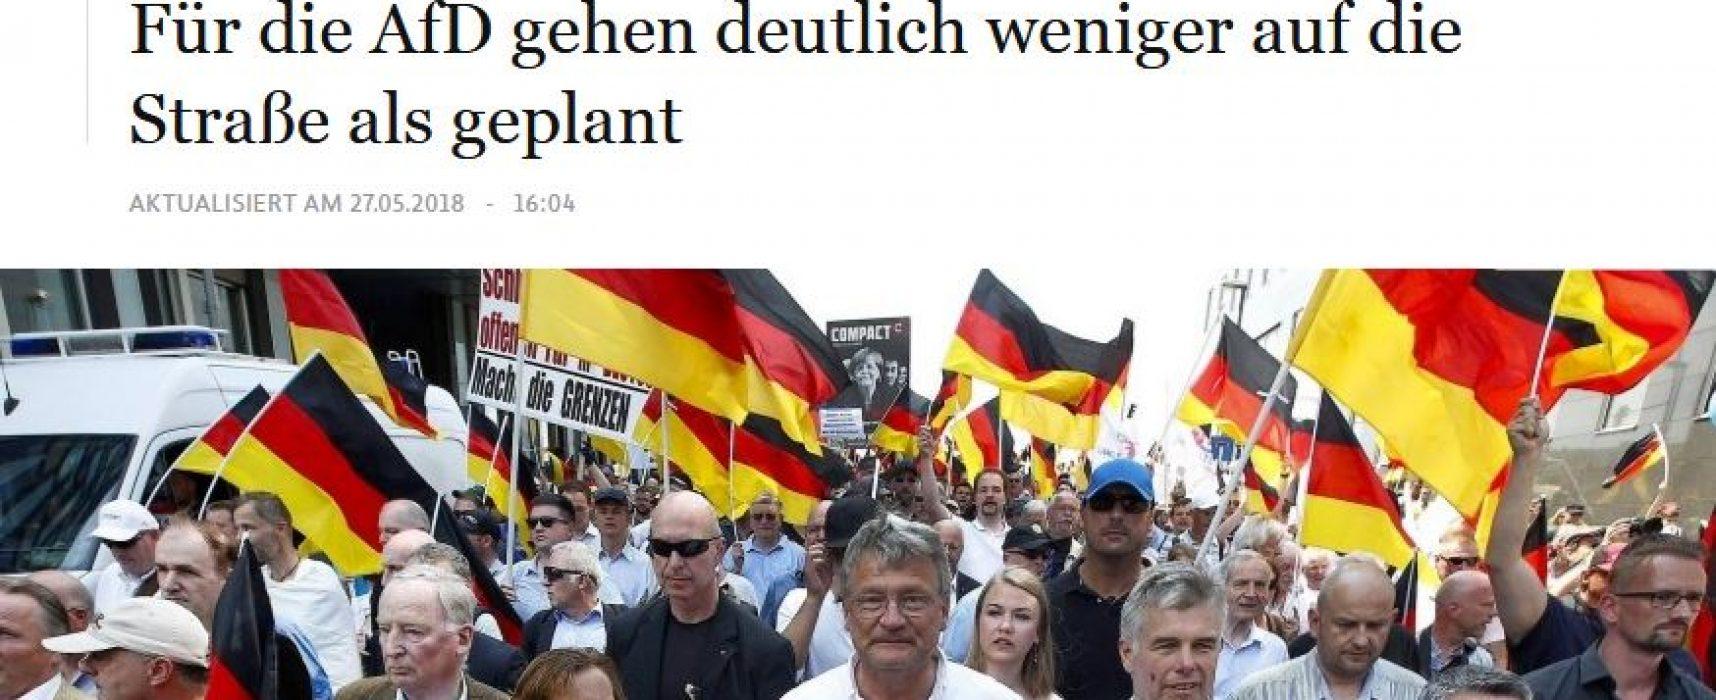 Manipulativ: Mehr als 25.000 Menschen haben in Berlin gegen Migranten demonstriert